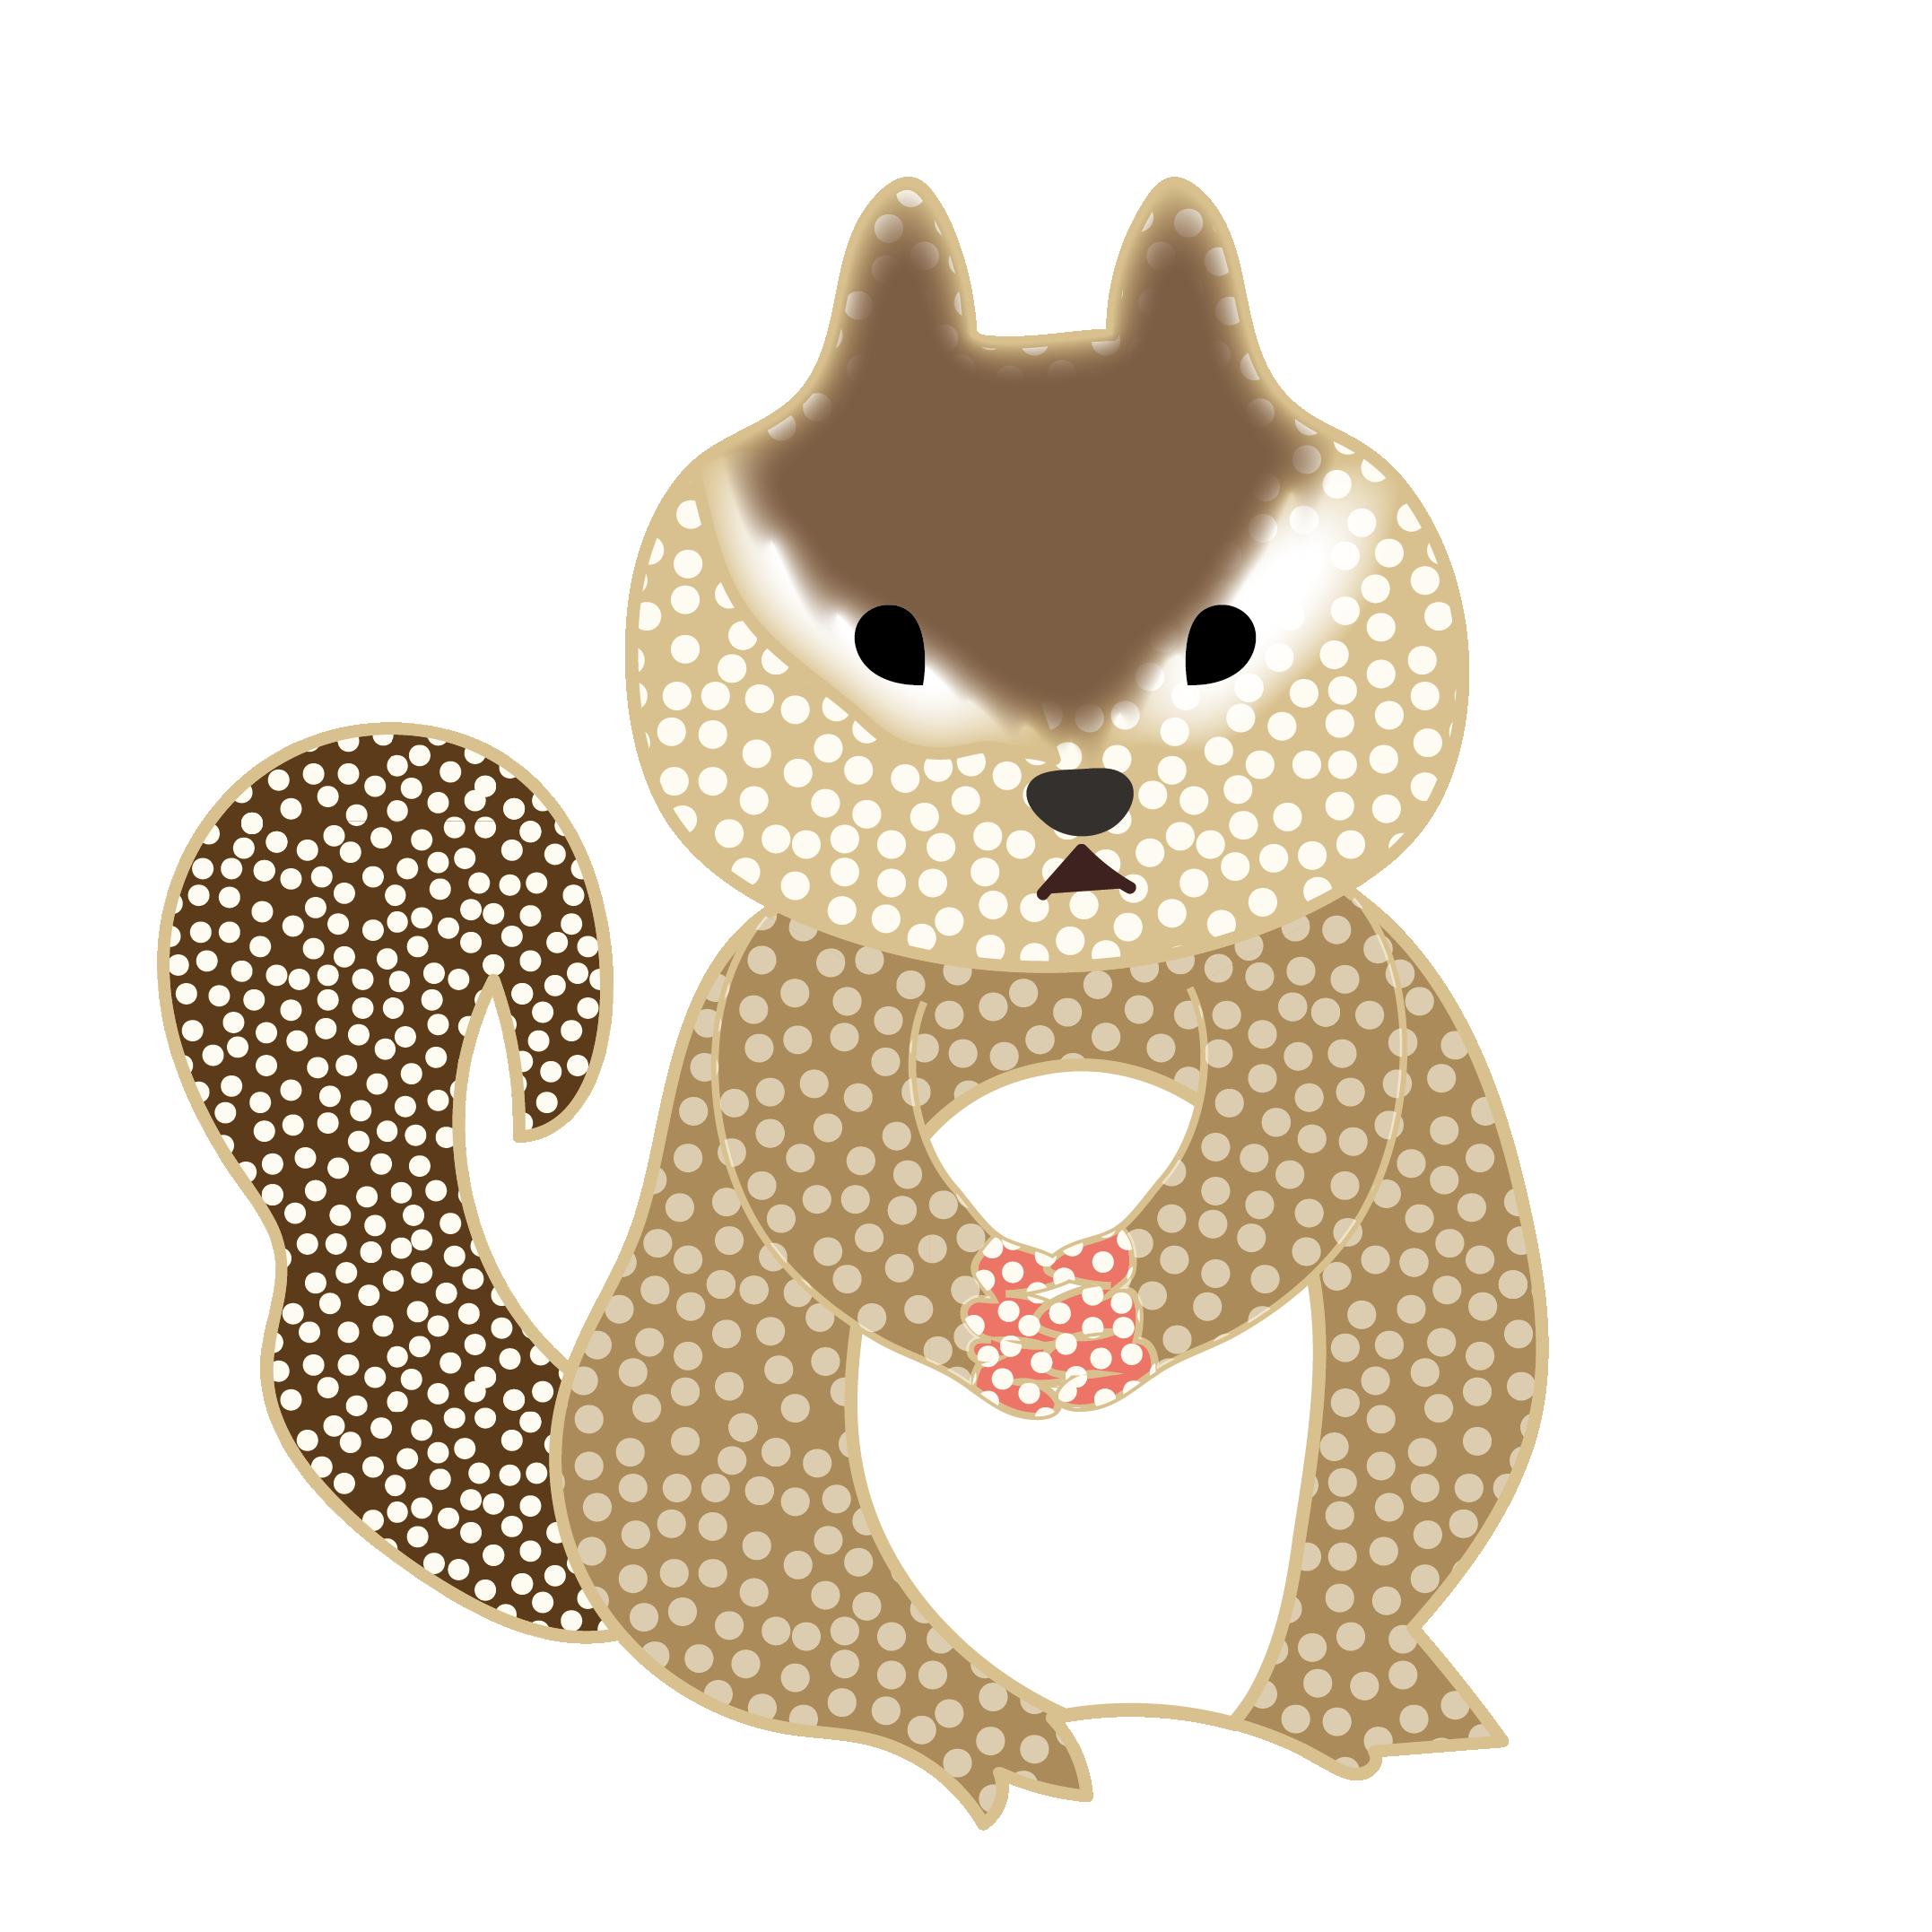 オシャレでかわいい♪「リス(栗鼠・りす)」のイラスト【動物